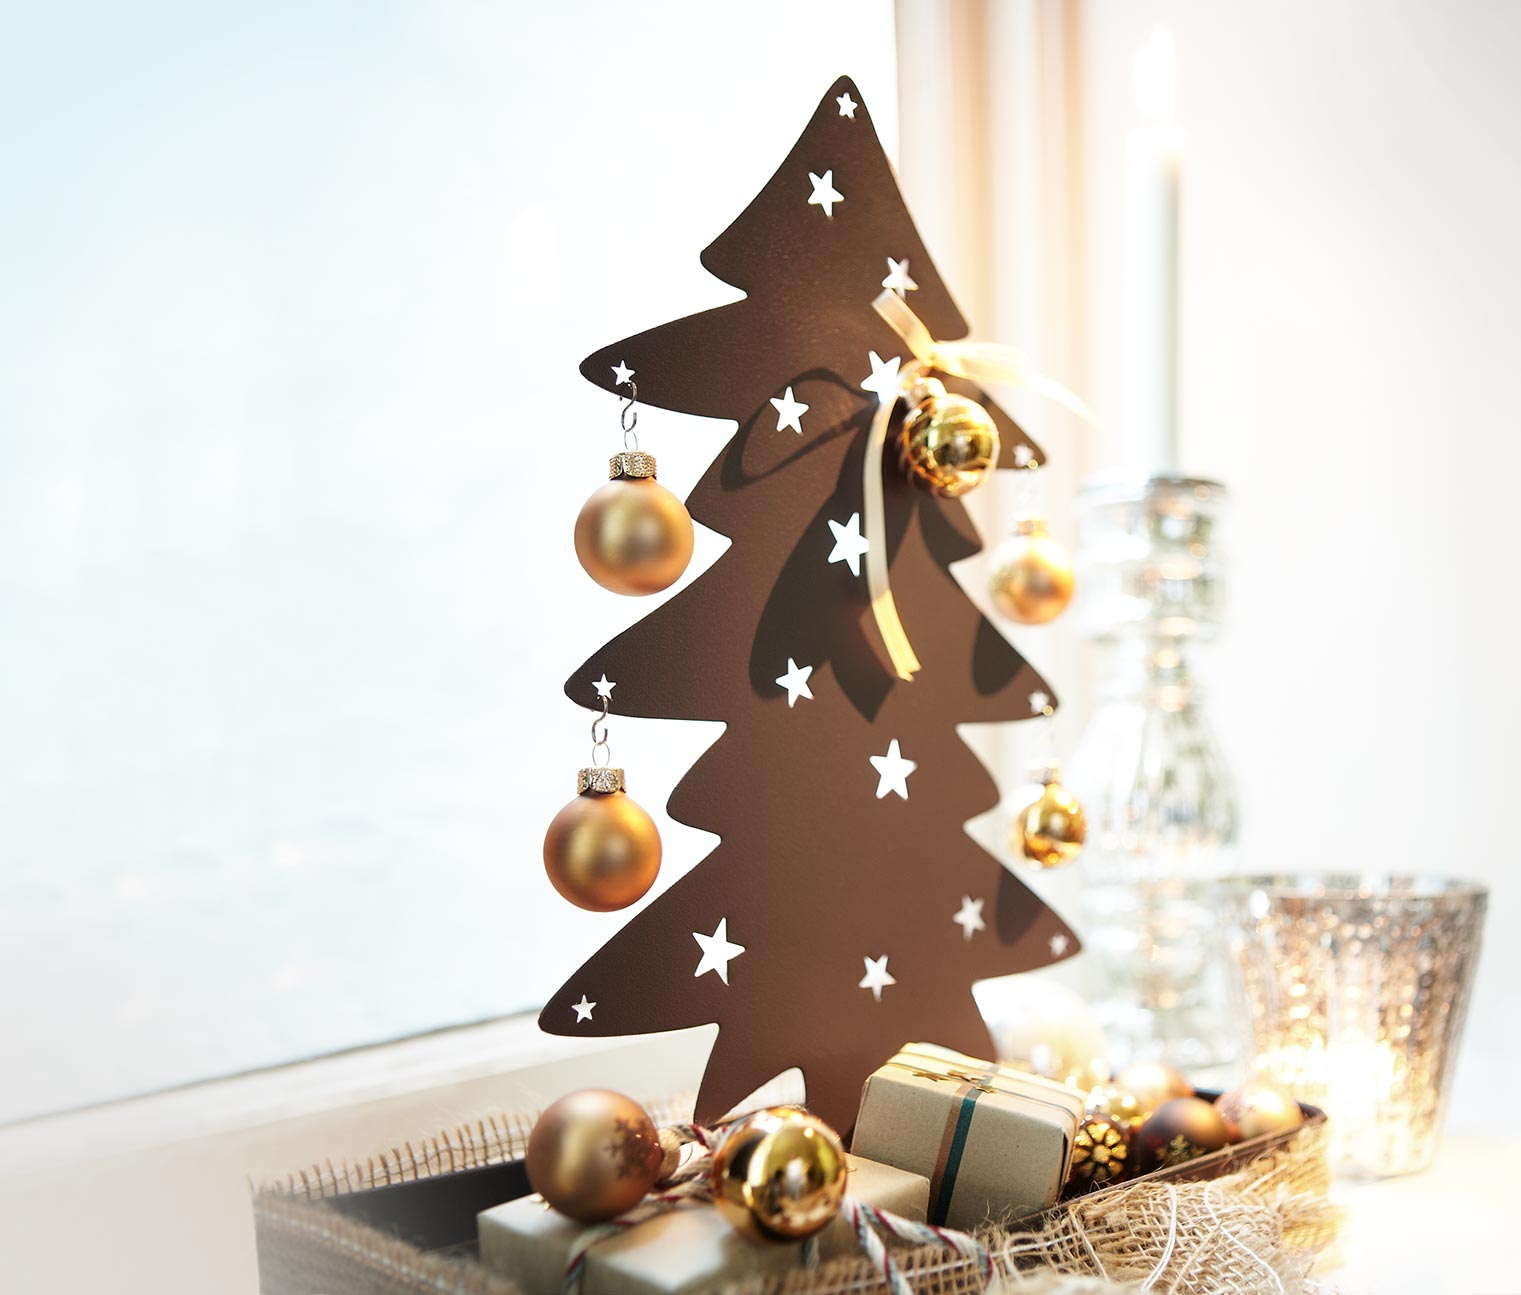 tchibo startet die advents und weihnachtsdekozeit 2013 adventskalender und weihnachten wir. Black Bedroom Furniture Sets. Home Design Ideas